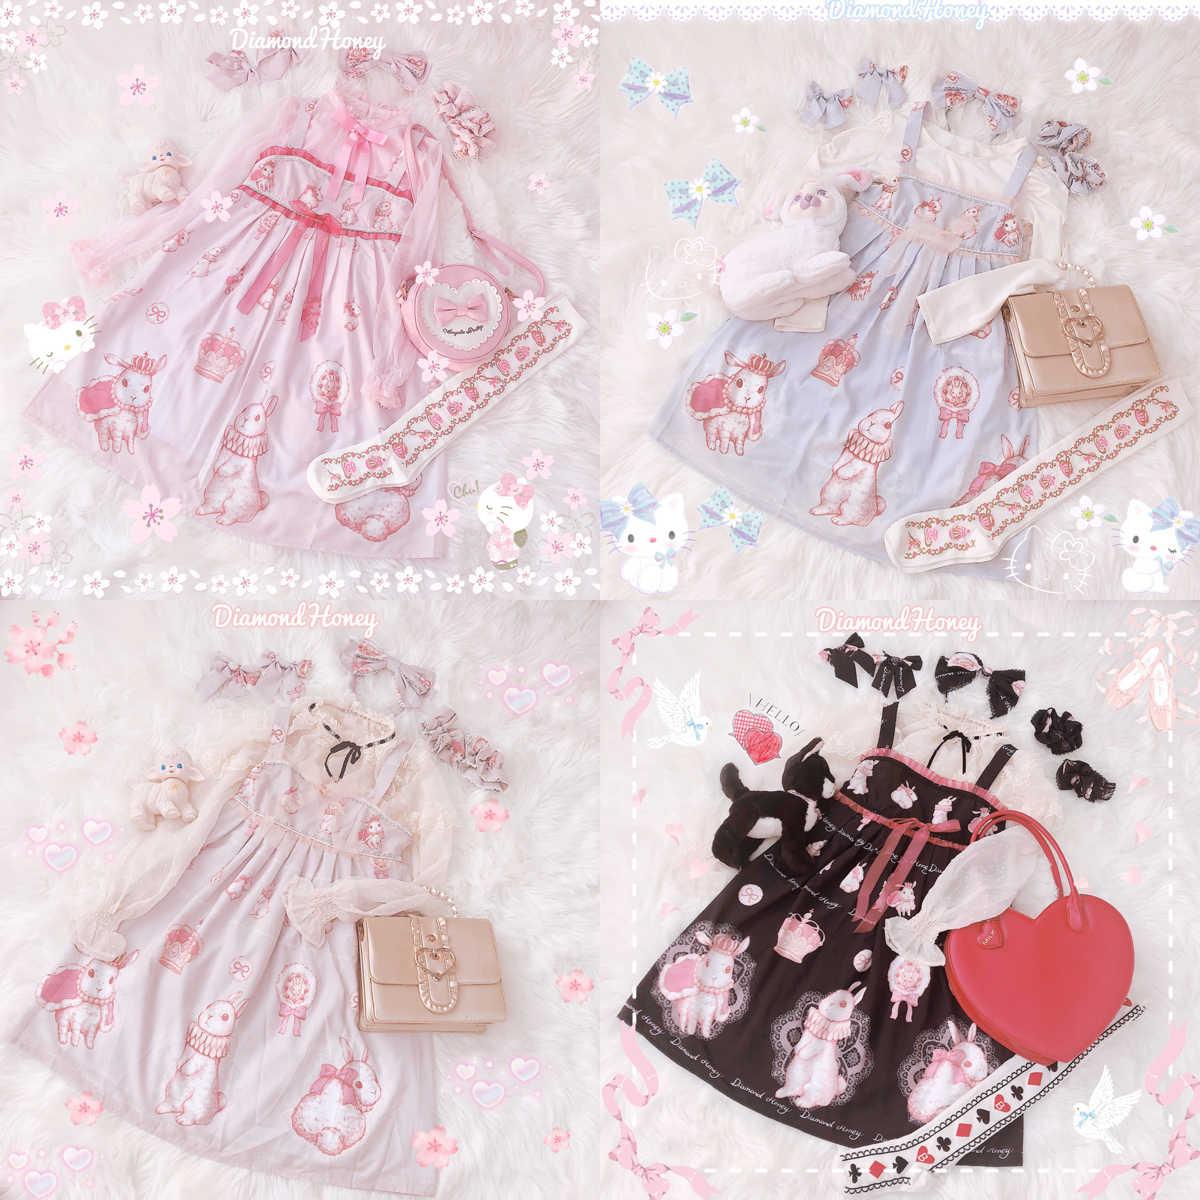 Crown rabbit print bonito feminino lolita jsk vestido de princesa sem mangas vestido suspender laço guarnição arco uma peça 4 cores